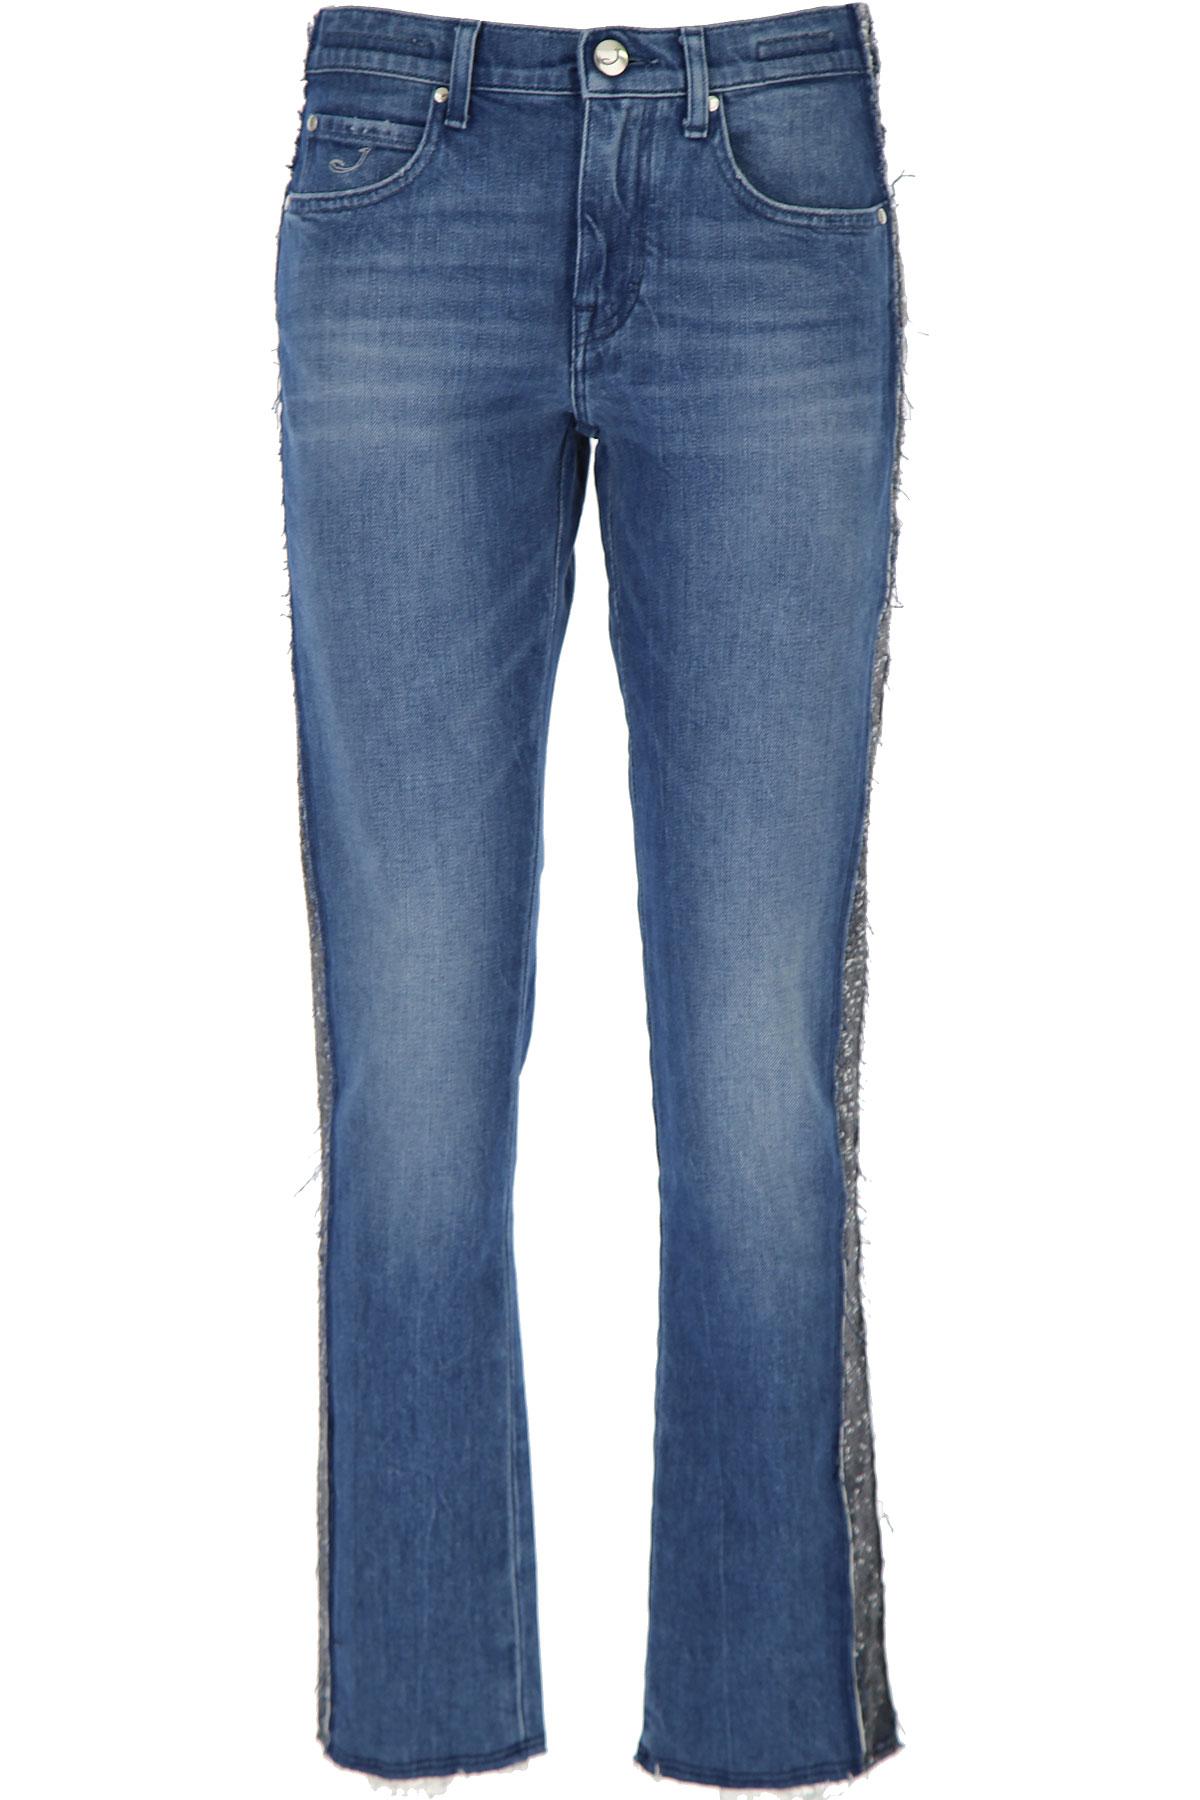 Jacob Cohen Jeans On Sale, Blue Denim, Cotton, 2019, 25 26 27 28 29